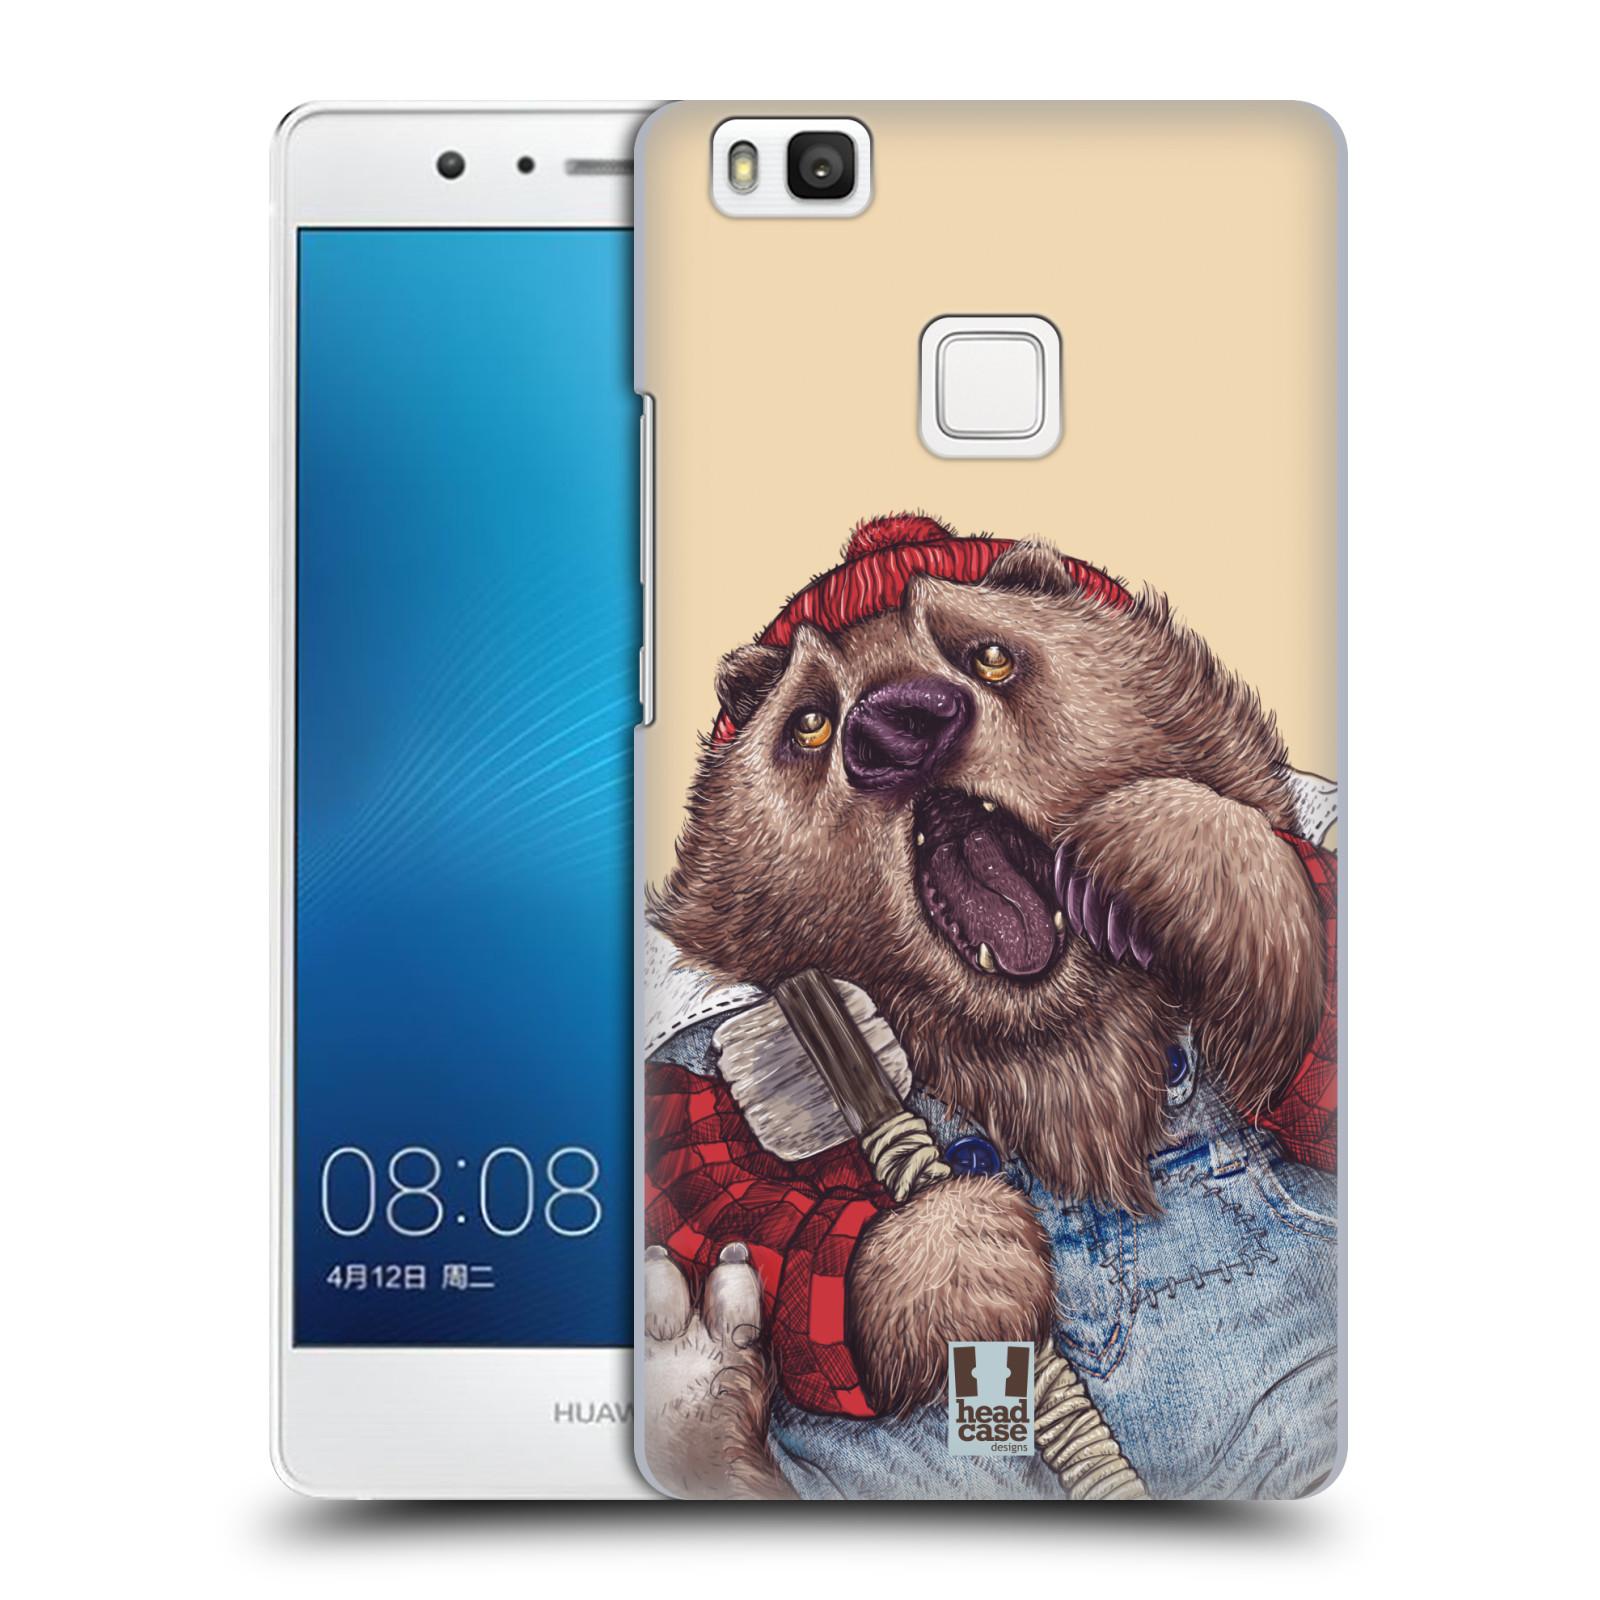 HEAD CASE plastový obal na mobil Huawei P9 LITE / P9 LITE DUAL SIM vzor Kreslená zvířátka medvěd